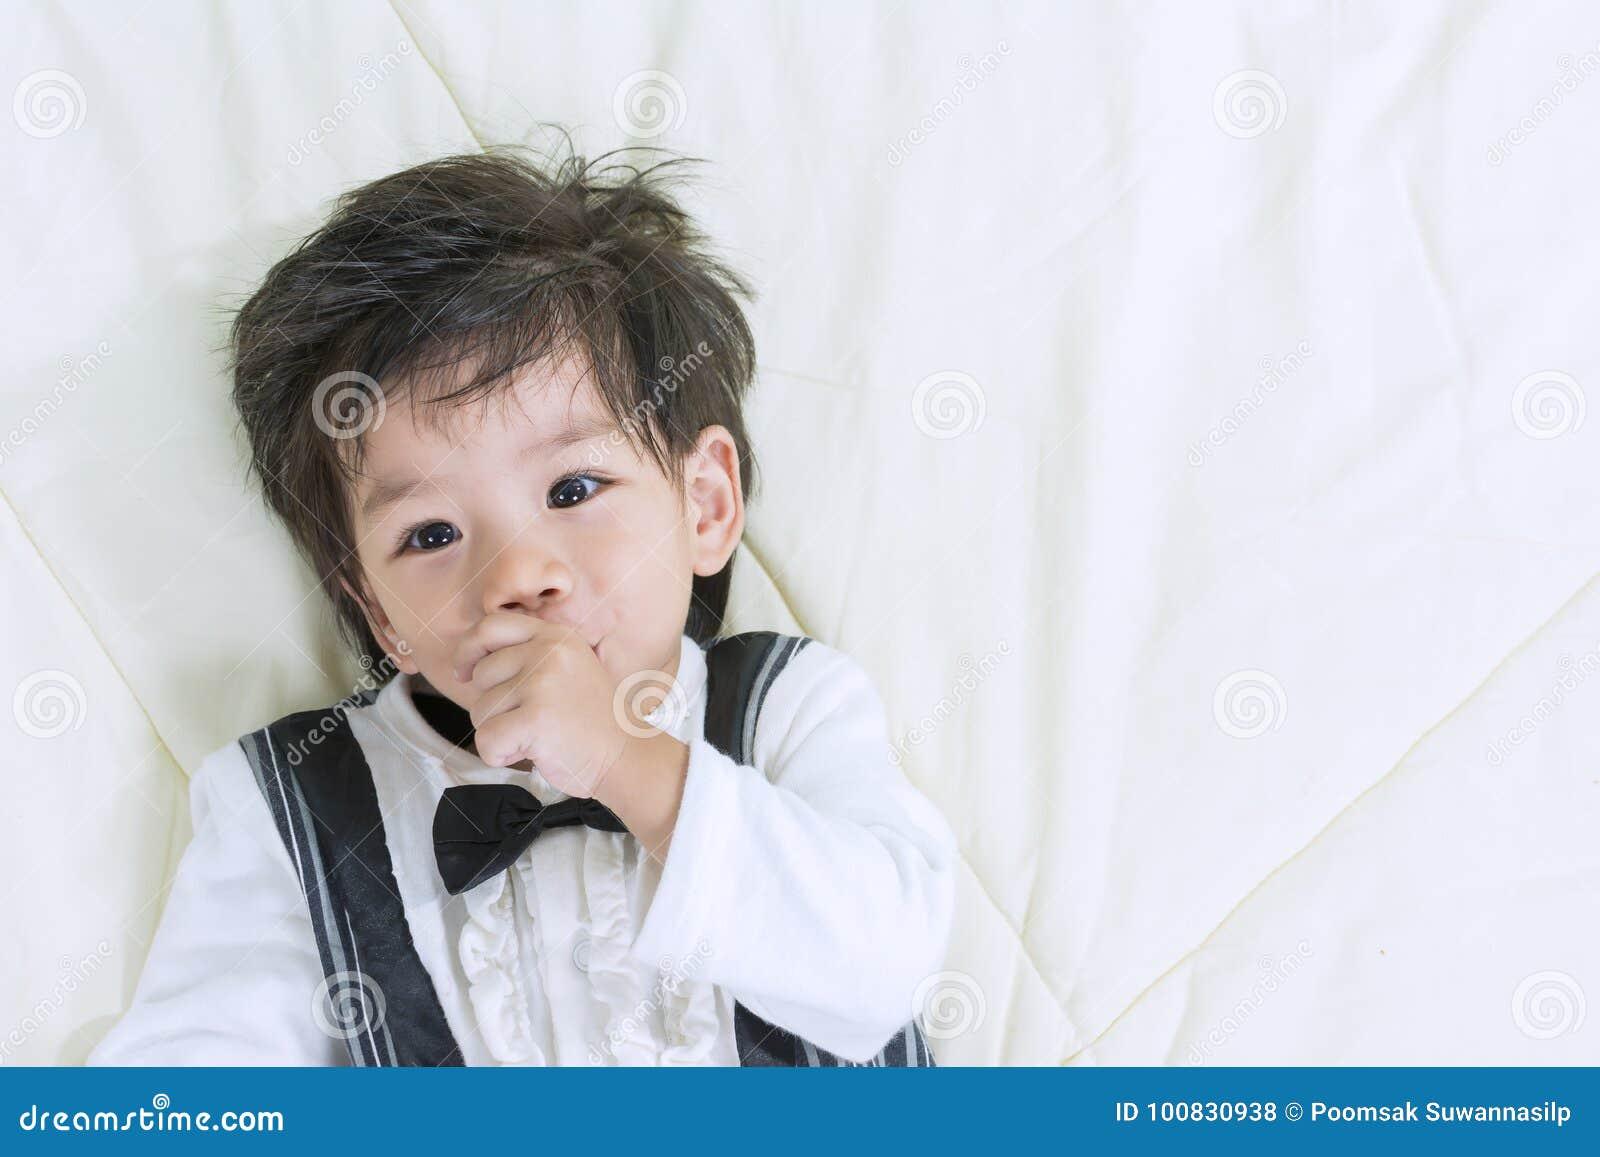 cute boy Young asian